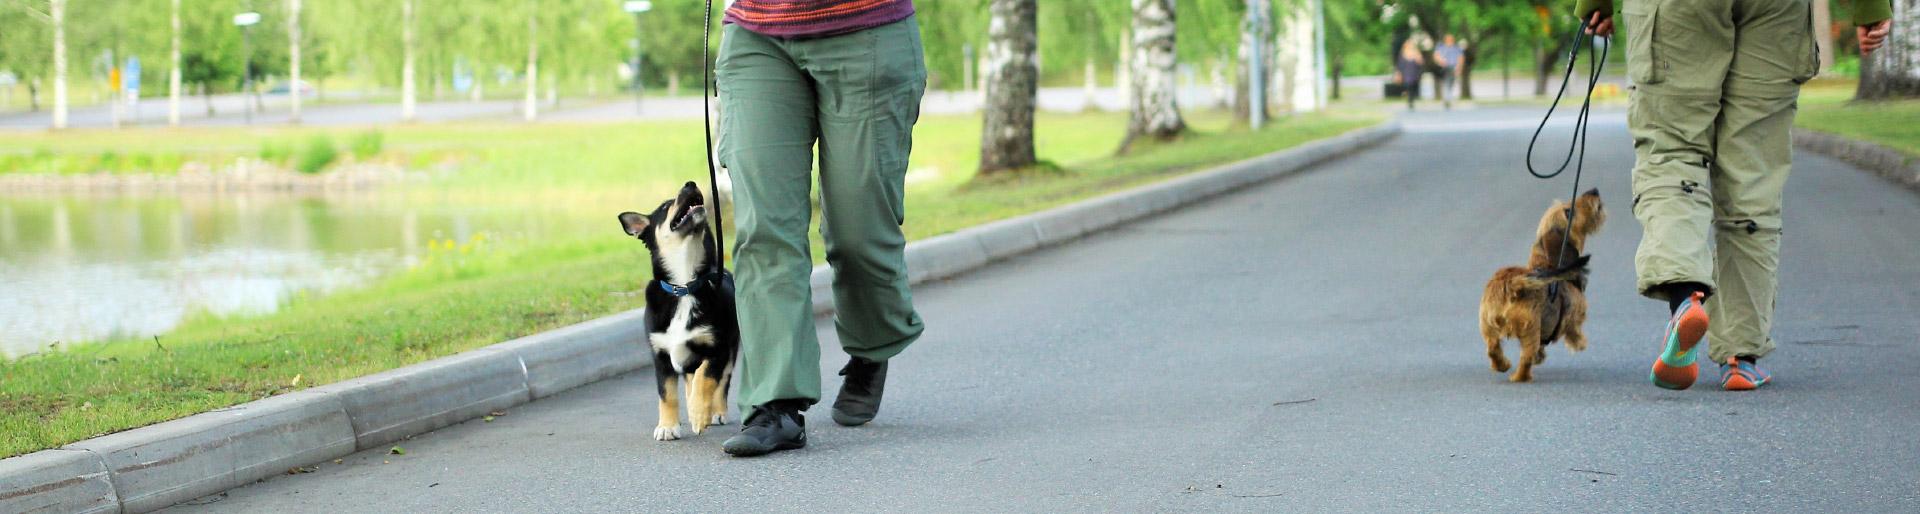 Kuvituskuva - kaksi koiraa harjoittelevat ohittamista ja seuraamista